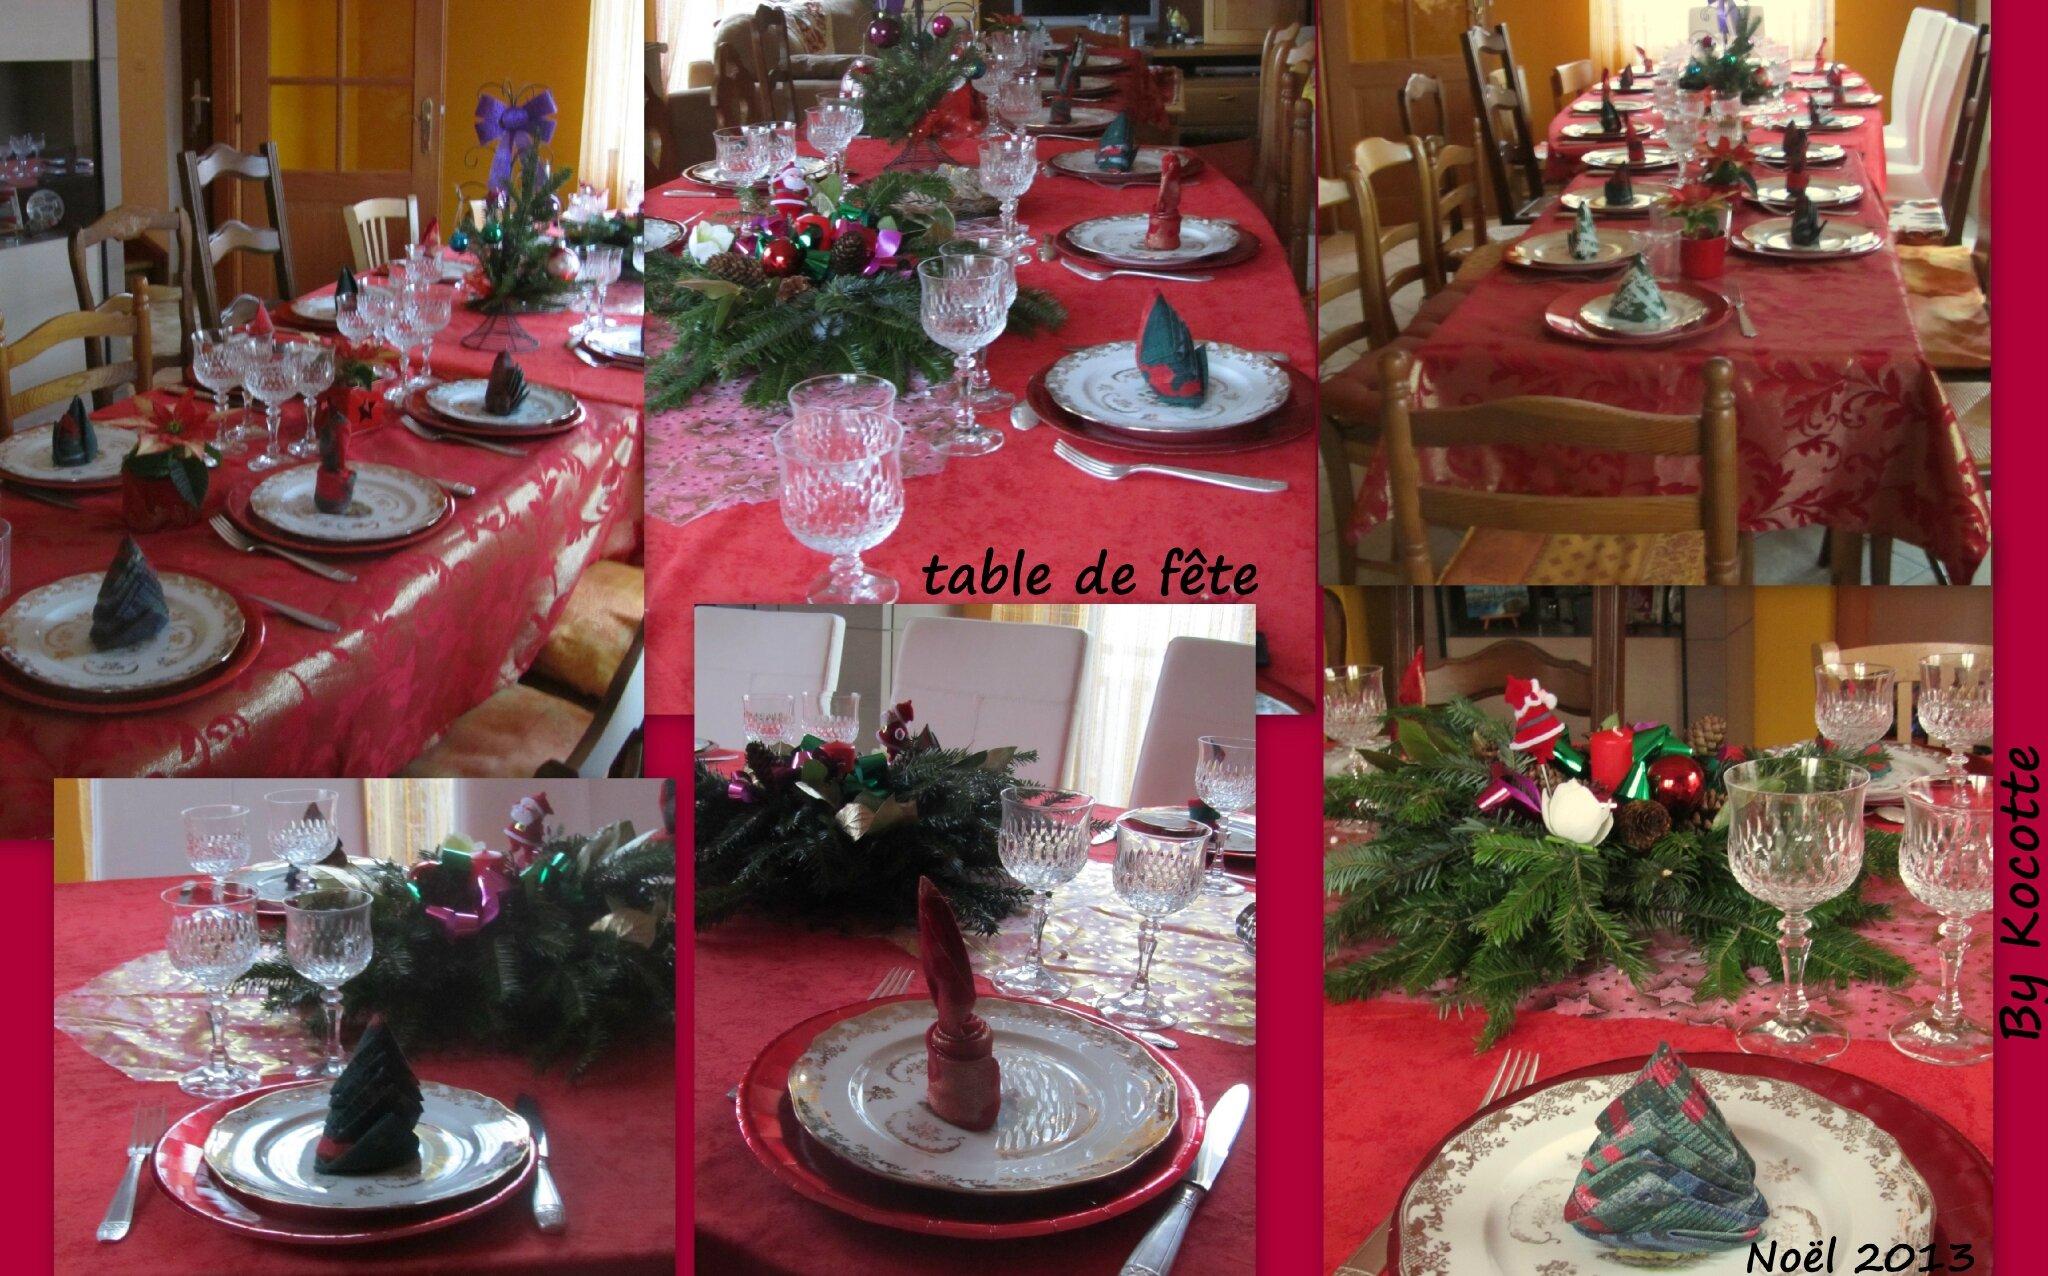 #AF1C39 Noël 2013 : Déco Et Cadeaux Maison Kocotte & Cyclotte 6295 decoration fait main pour noel 2048x1276 px @ aertt.com